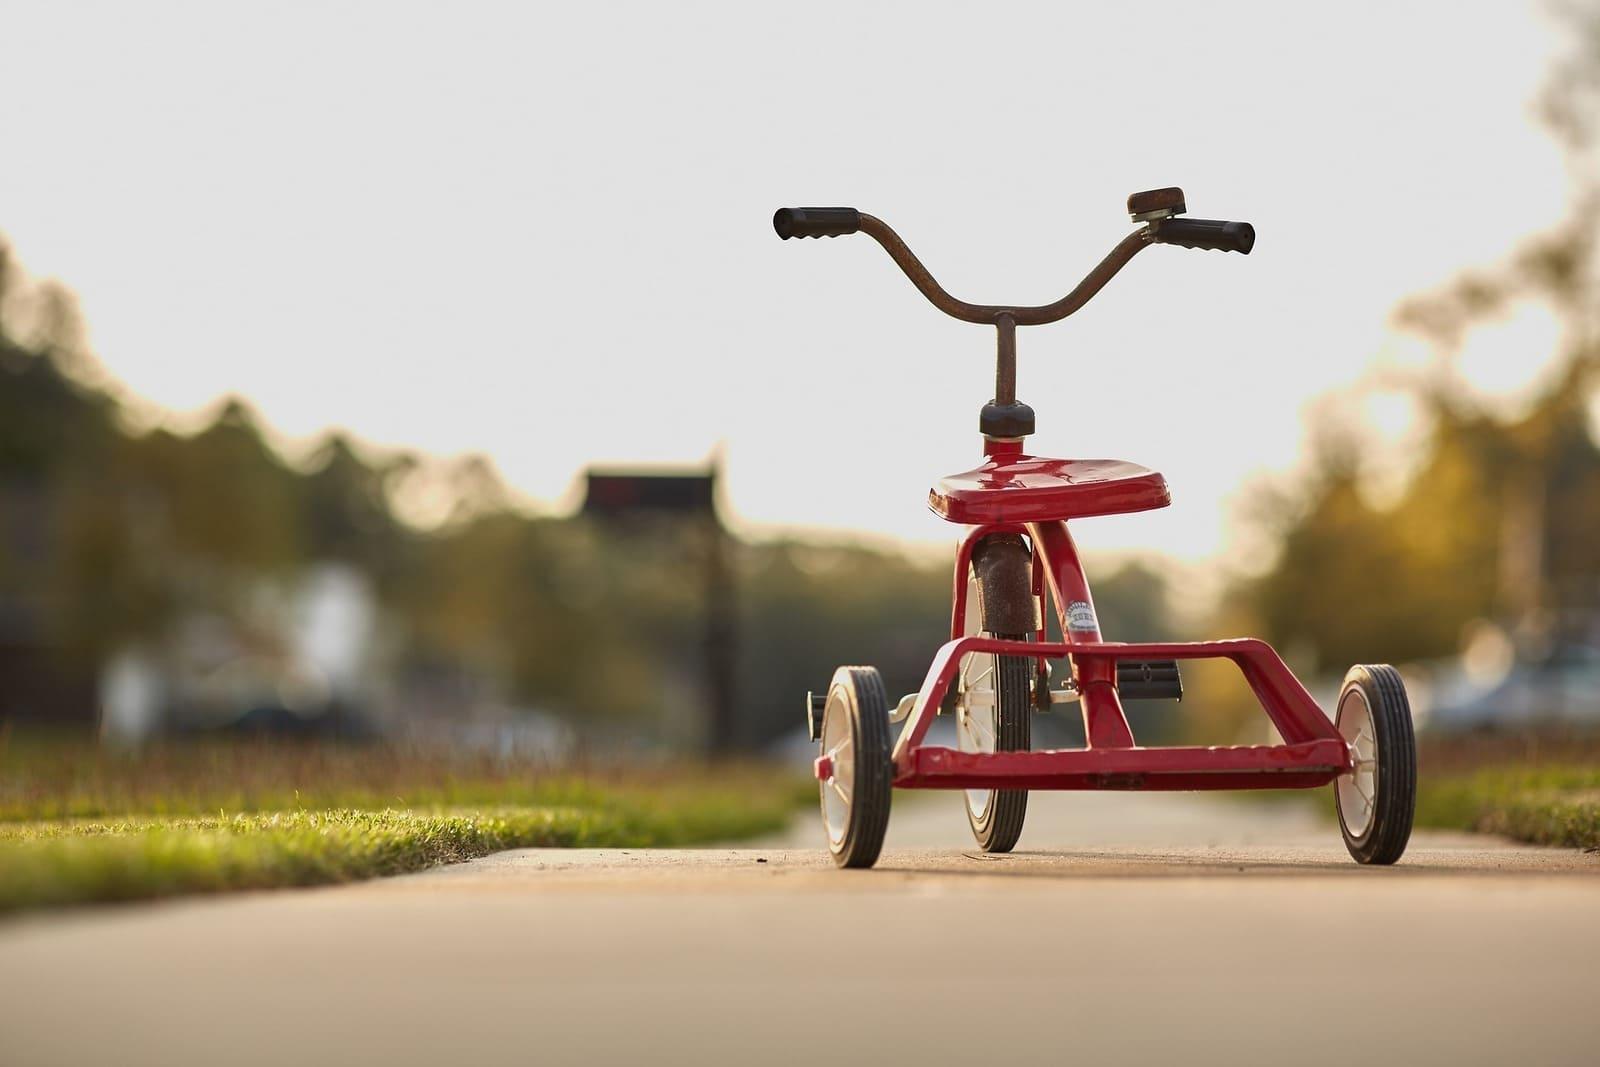 miglior-triciclo-per-bambini